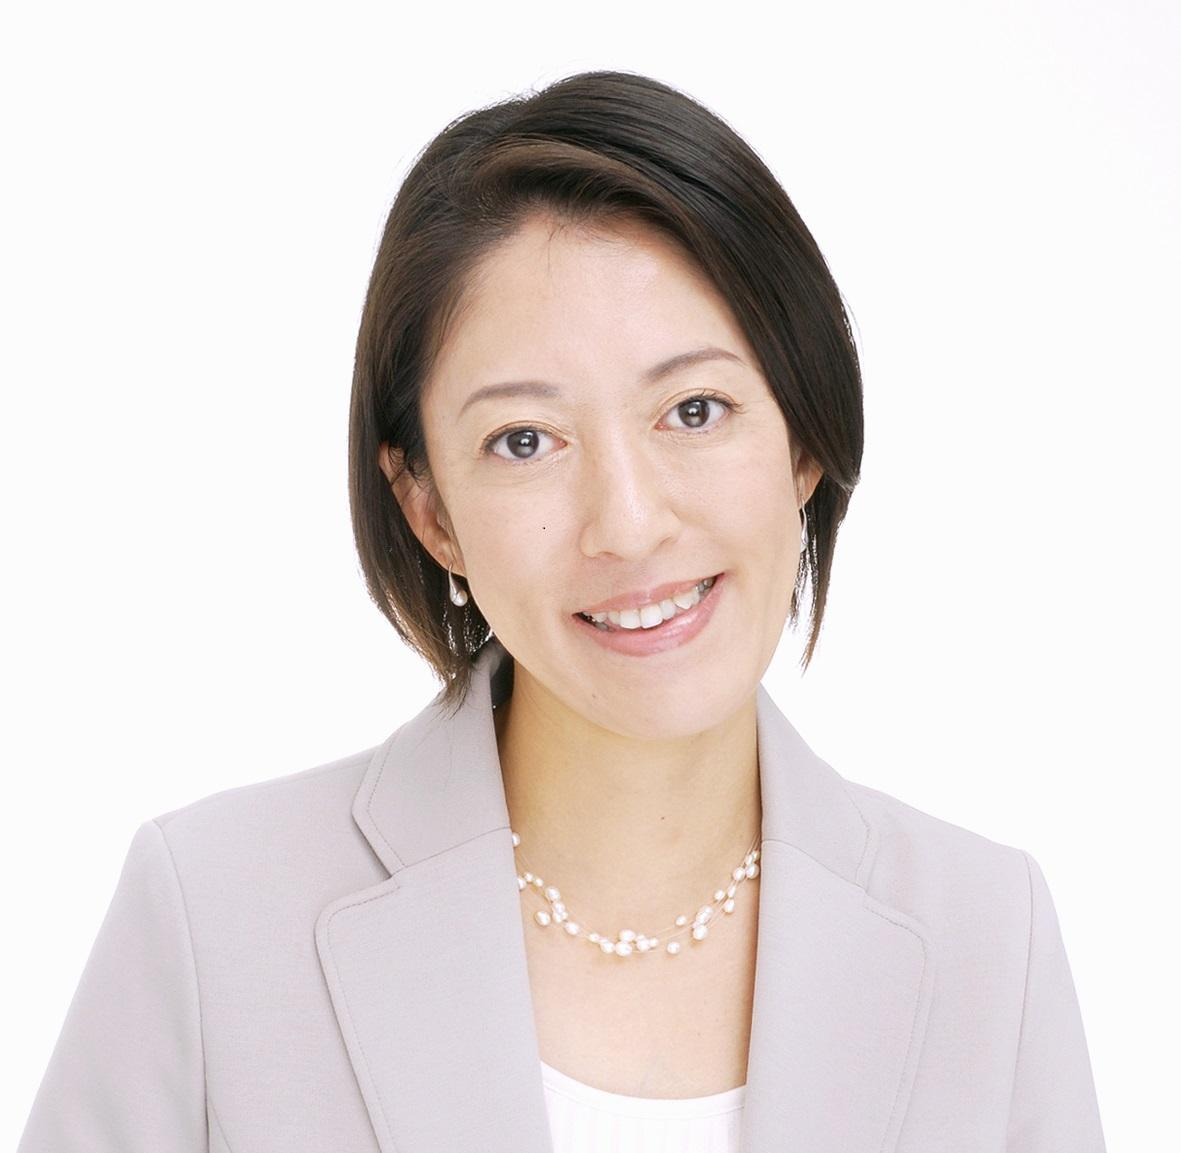 心と向き合うお手伝いをするコーチ@成安蓮美